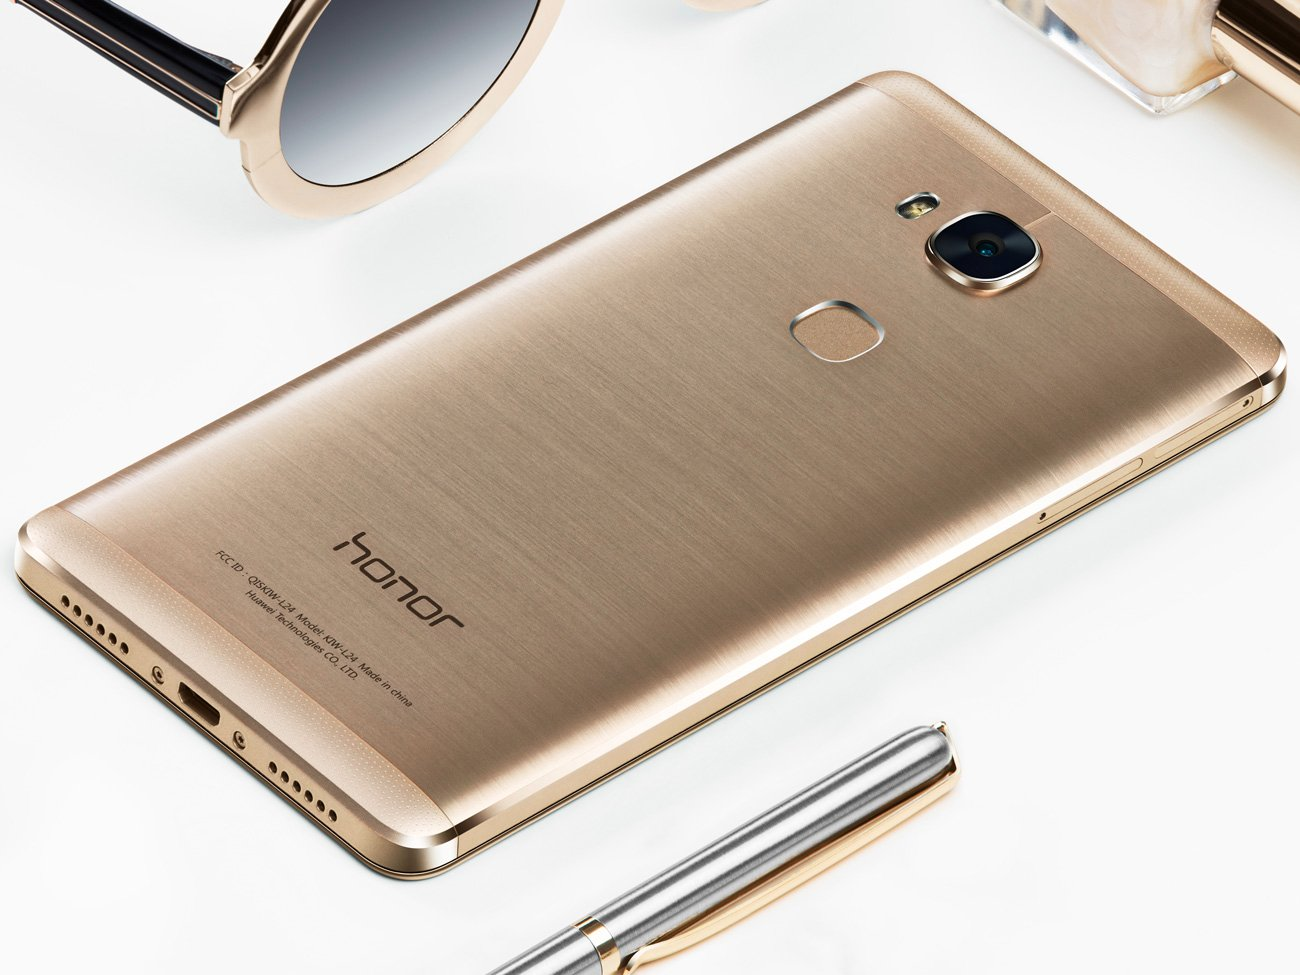 آنر ۵x هوآوی ، بهترین گوشی هوشمند زیر ۲۰۰ دلار